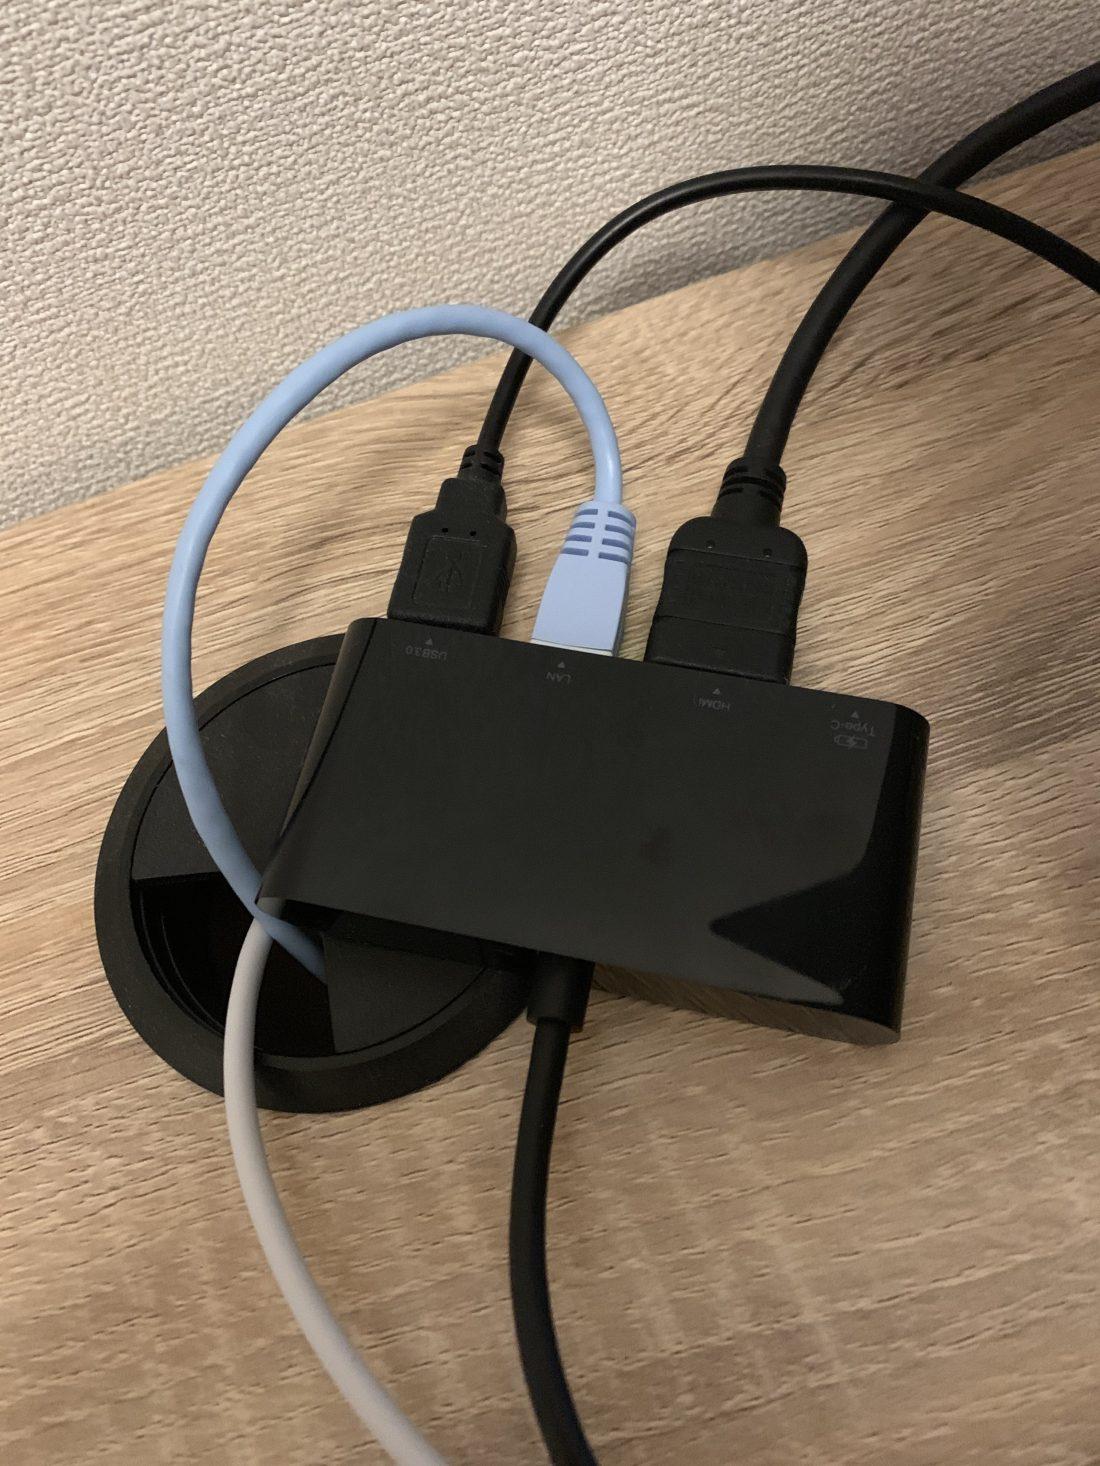 【必読!】MacBook Air 2018と同時に購入すべき周辺機器を紹介!(USB/LAN/HDMI/Type-C)